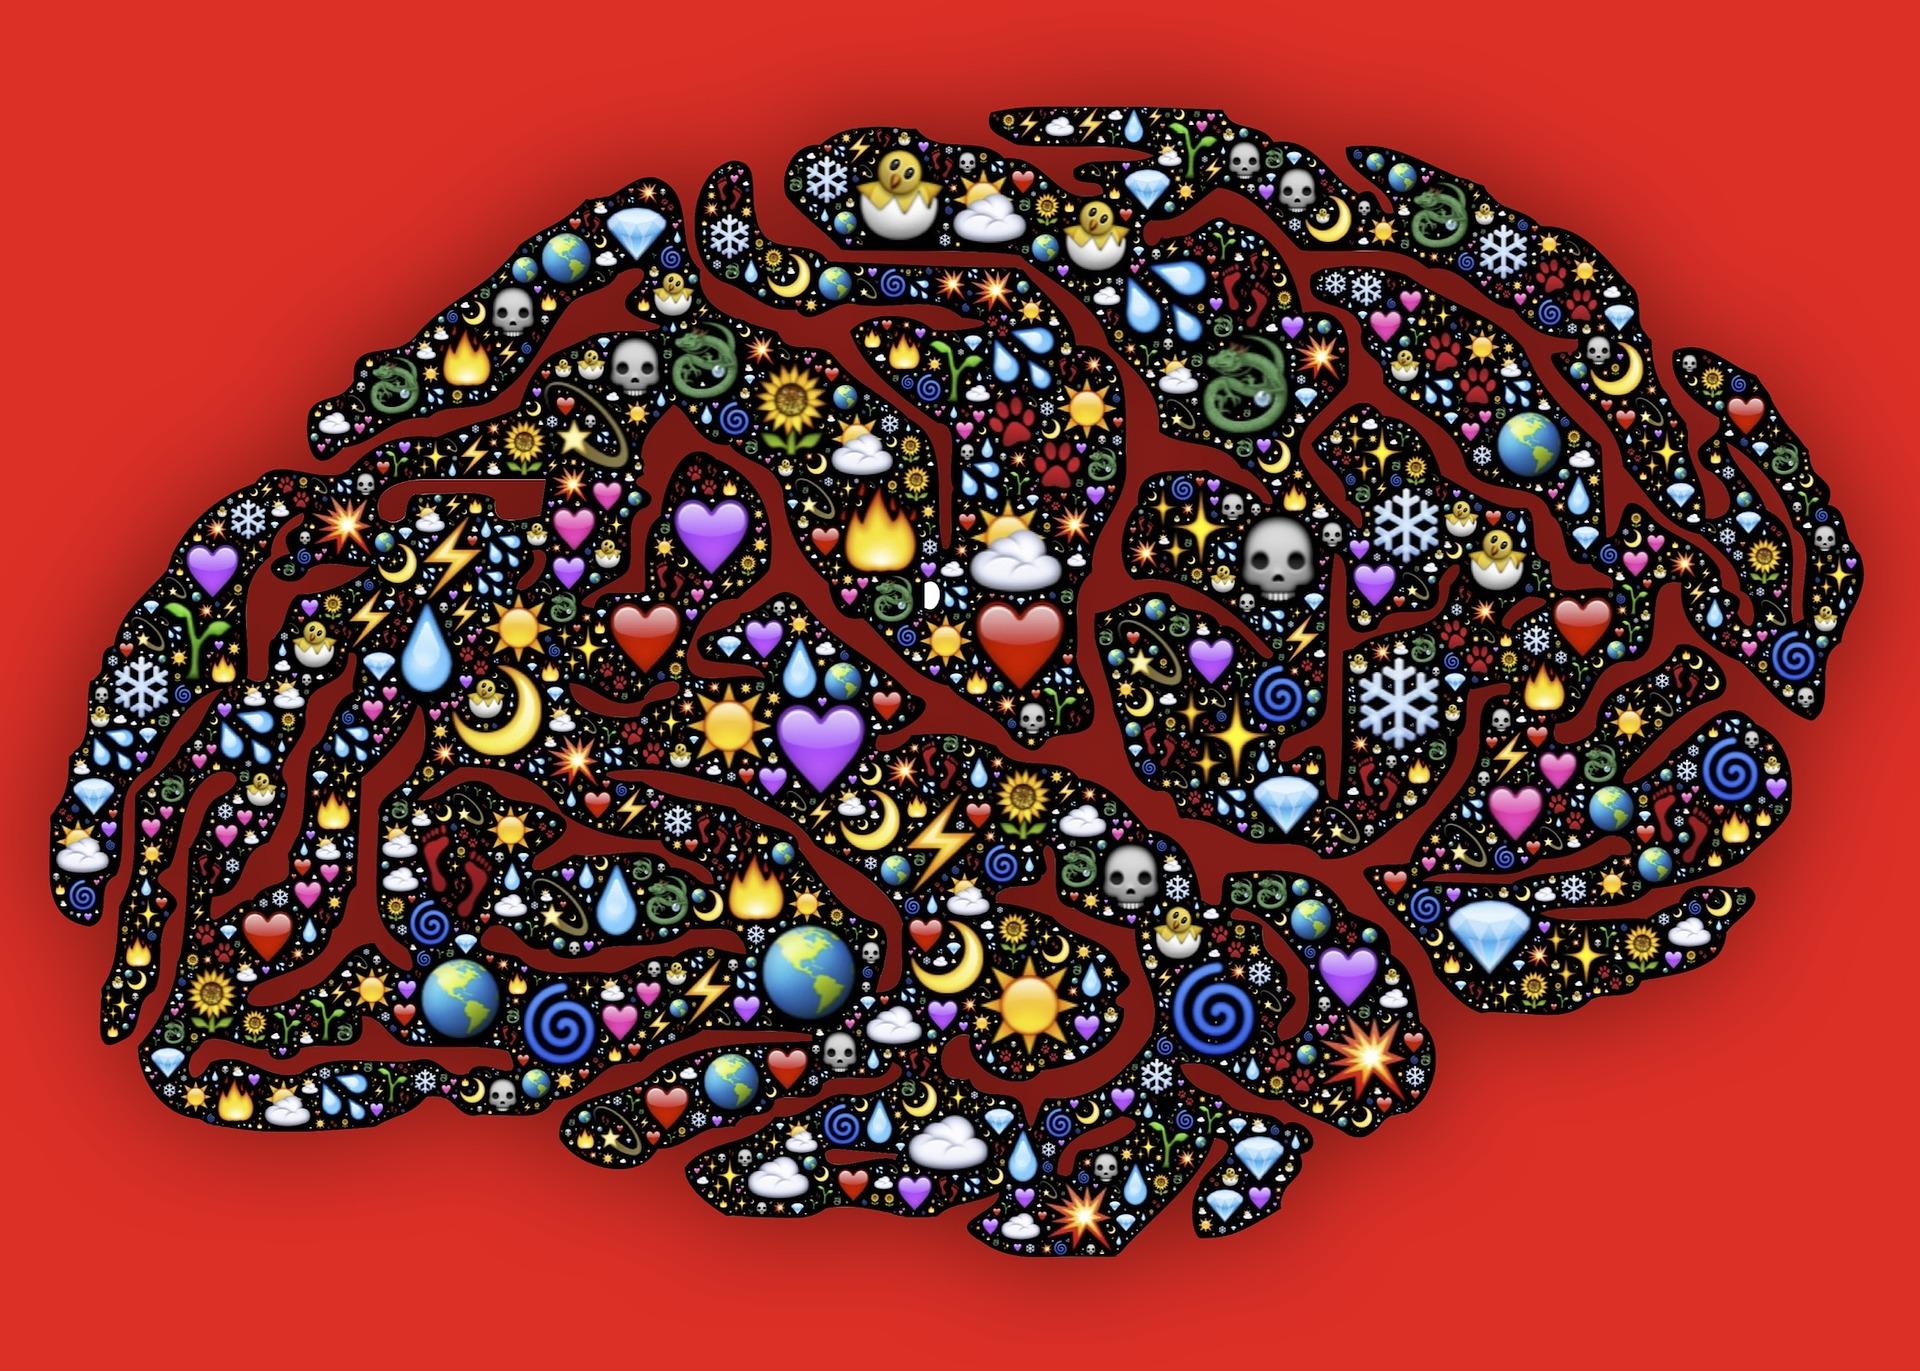 mind-1913871_1920 (1)